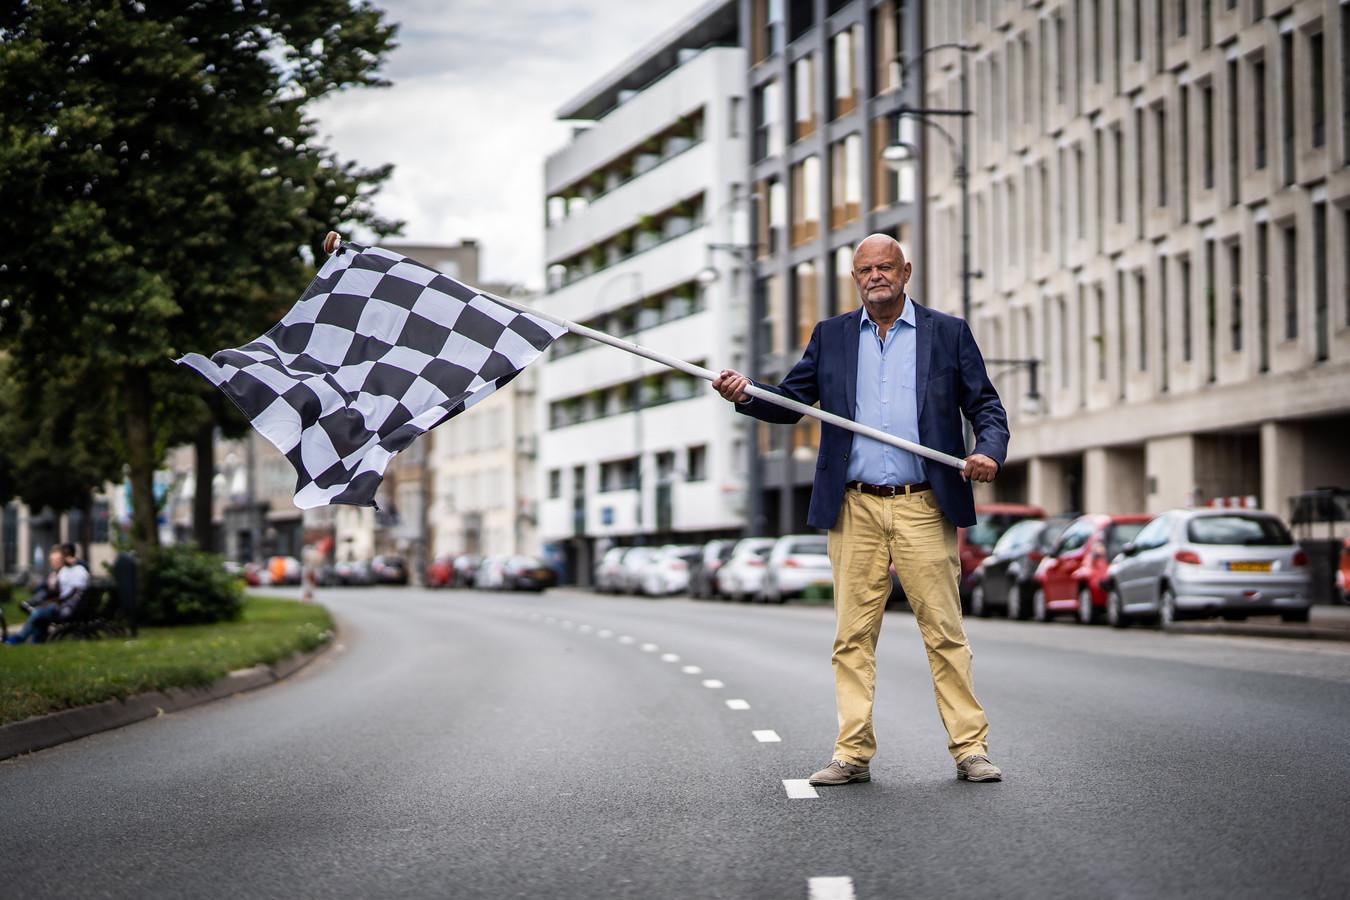 John Holtackers met de zwart-wit geblokte finishvlag die hij uit protest tegen snelheidsduivels op Arnhemse Centrumring aan zijn balkon heeft gehangen.